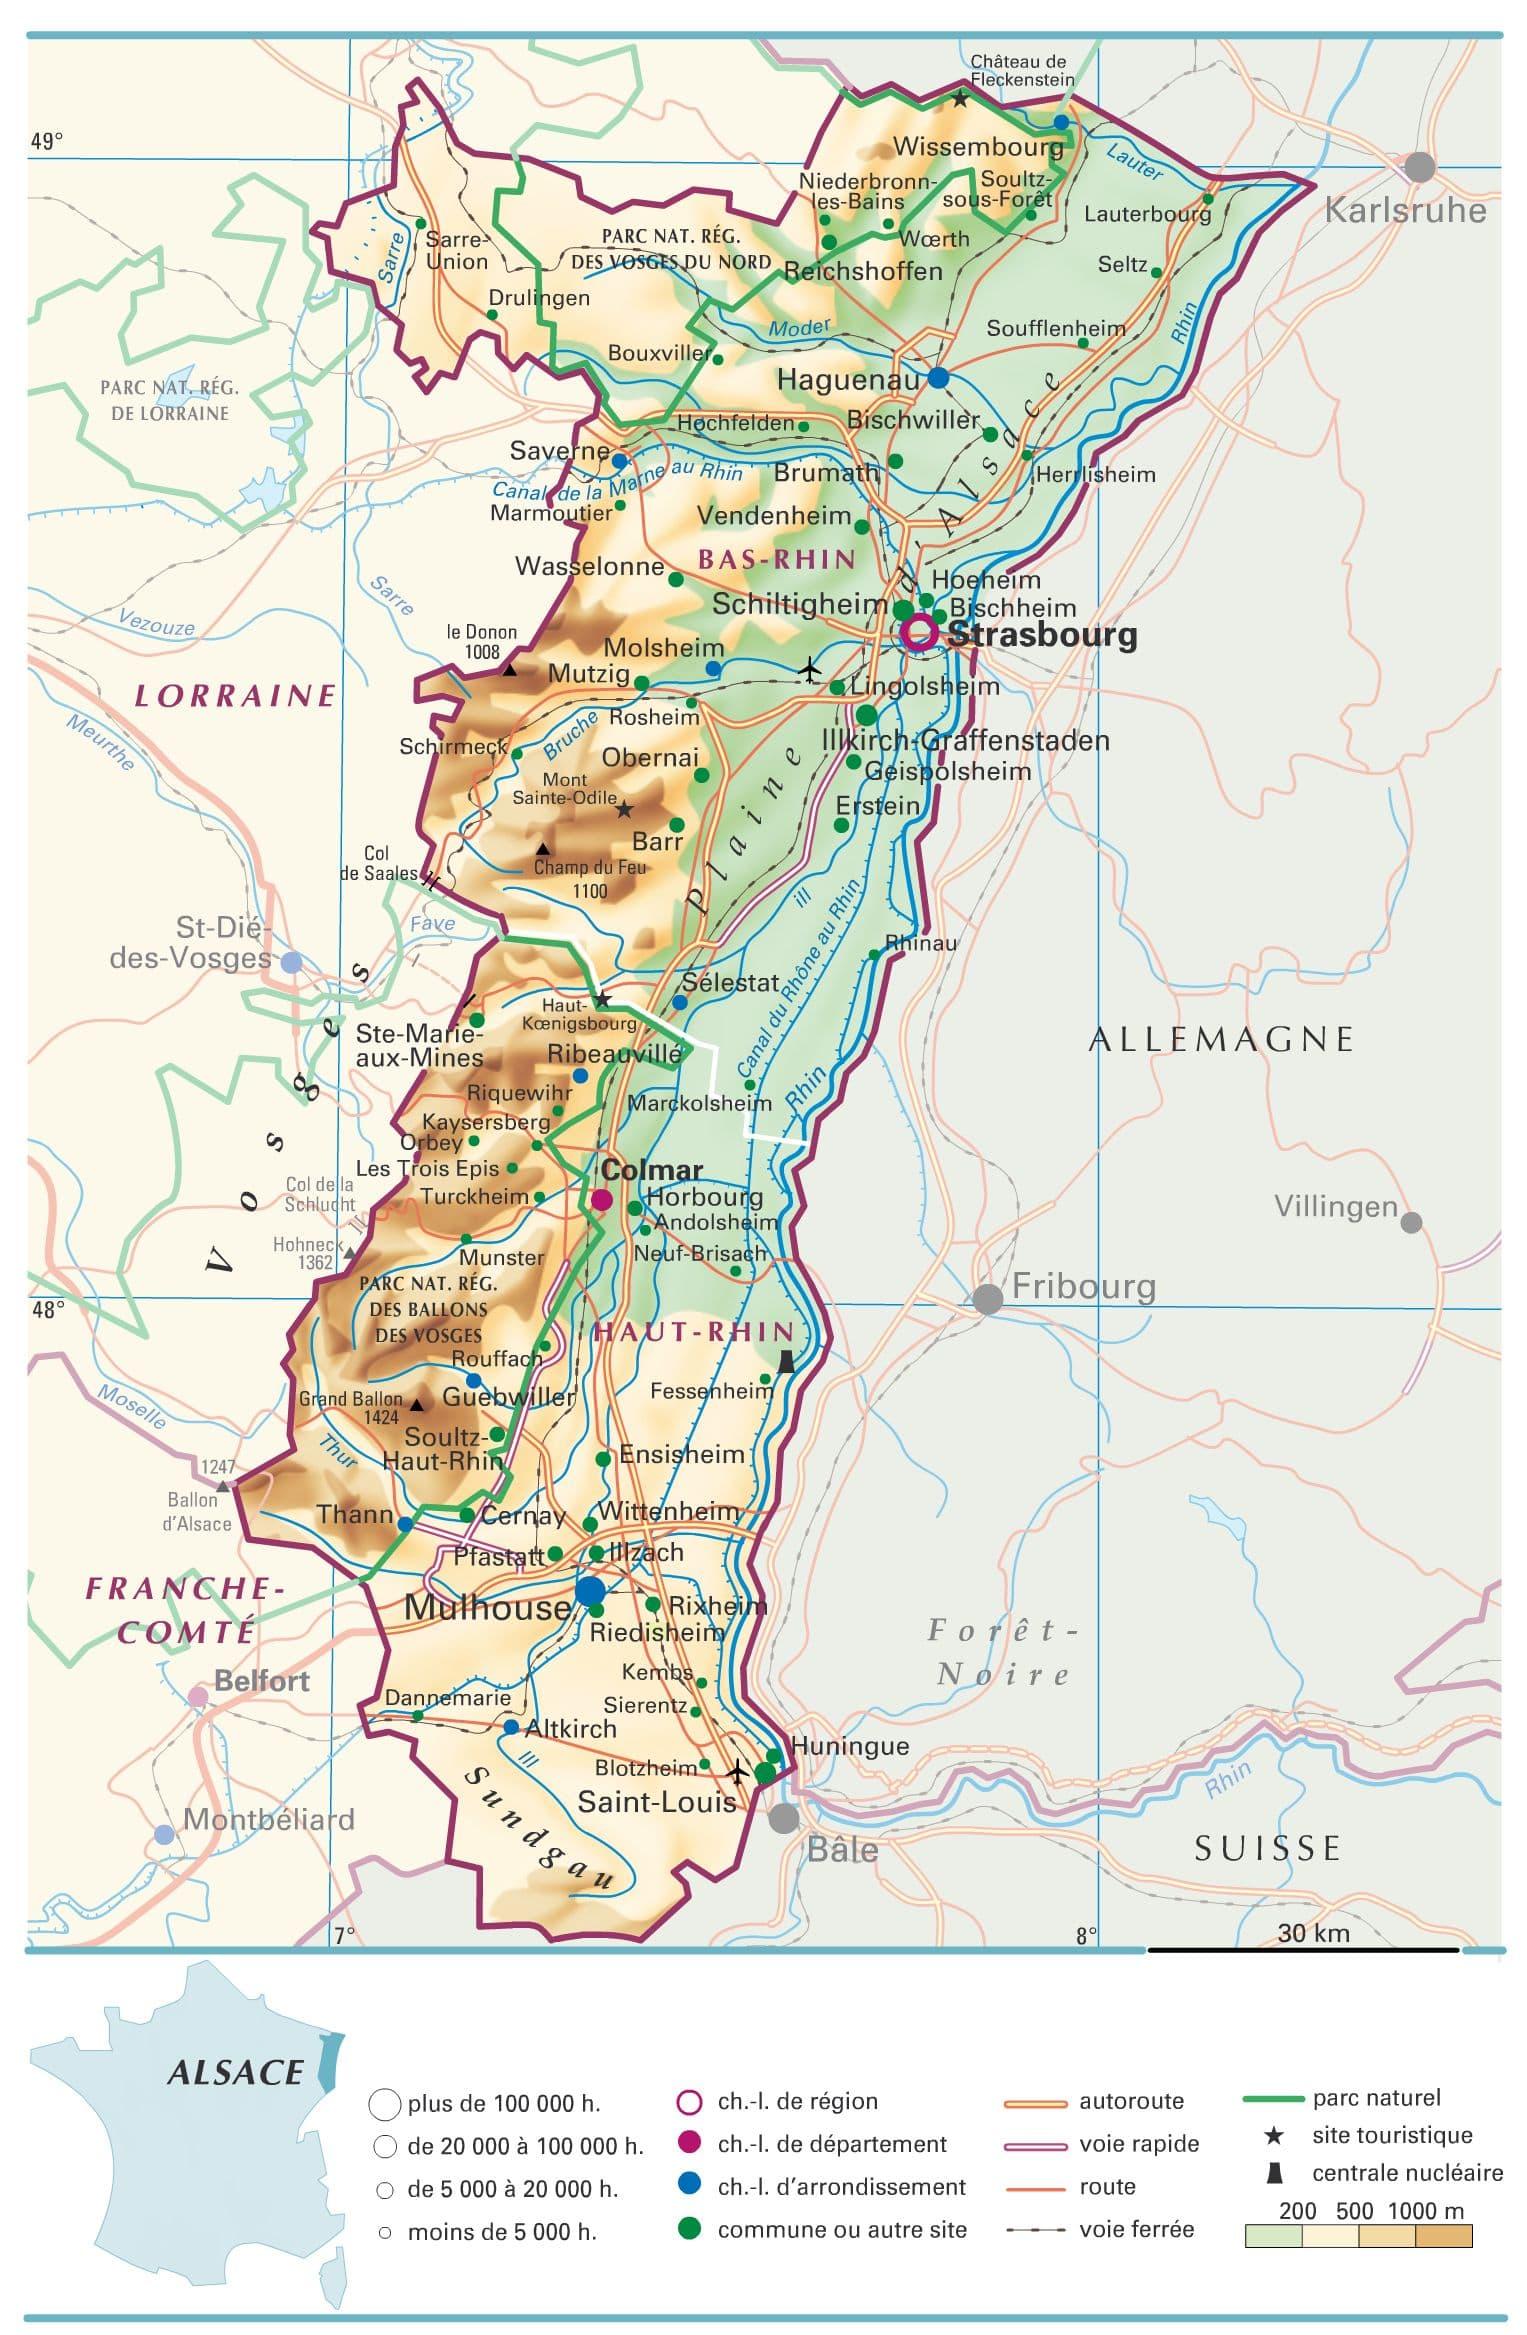 Carte Halieutique Alsace.Als Encyclopedie Larousse En Ligne Sicilfly